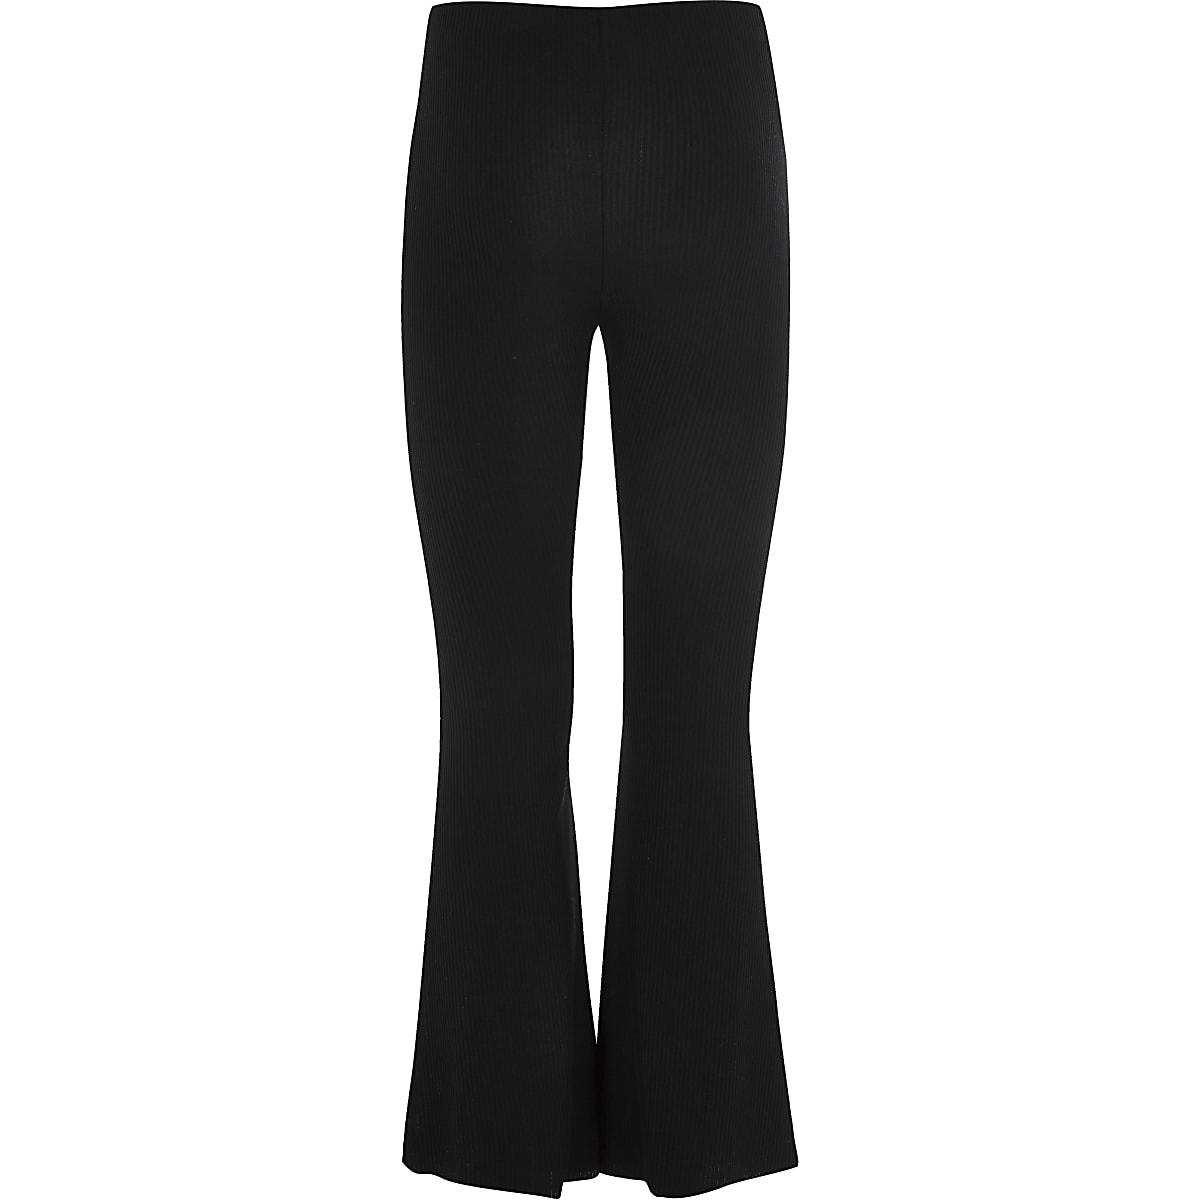 Zwarte wijduitlopende broek voor meisjes